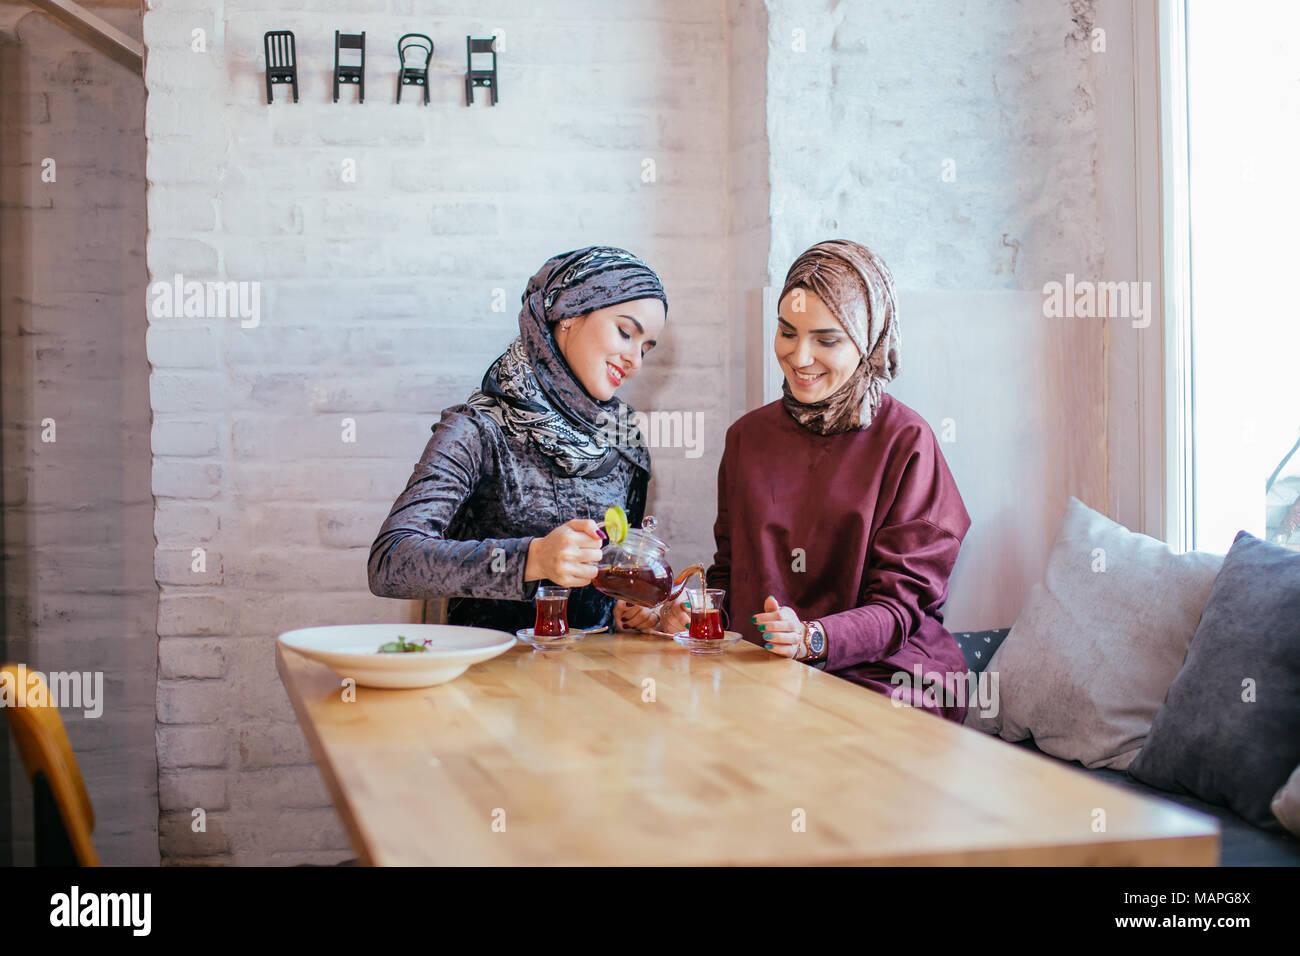 Zwei kaukasischen muslimischen Frau trinkt Kaffee im Cafe Stockfoto